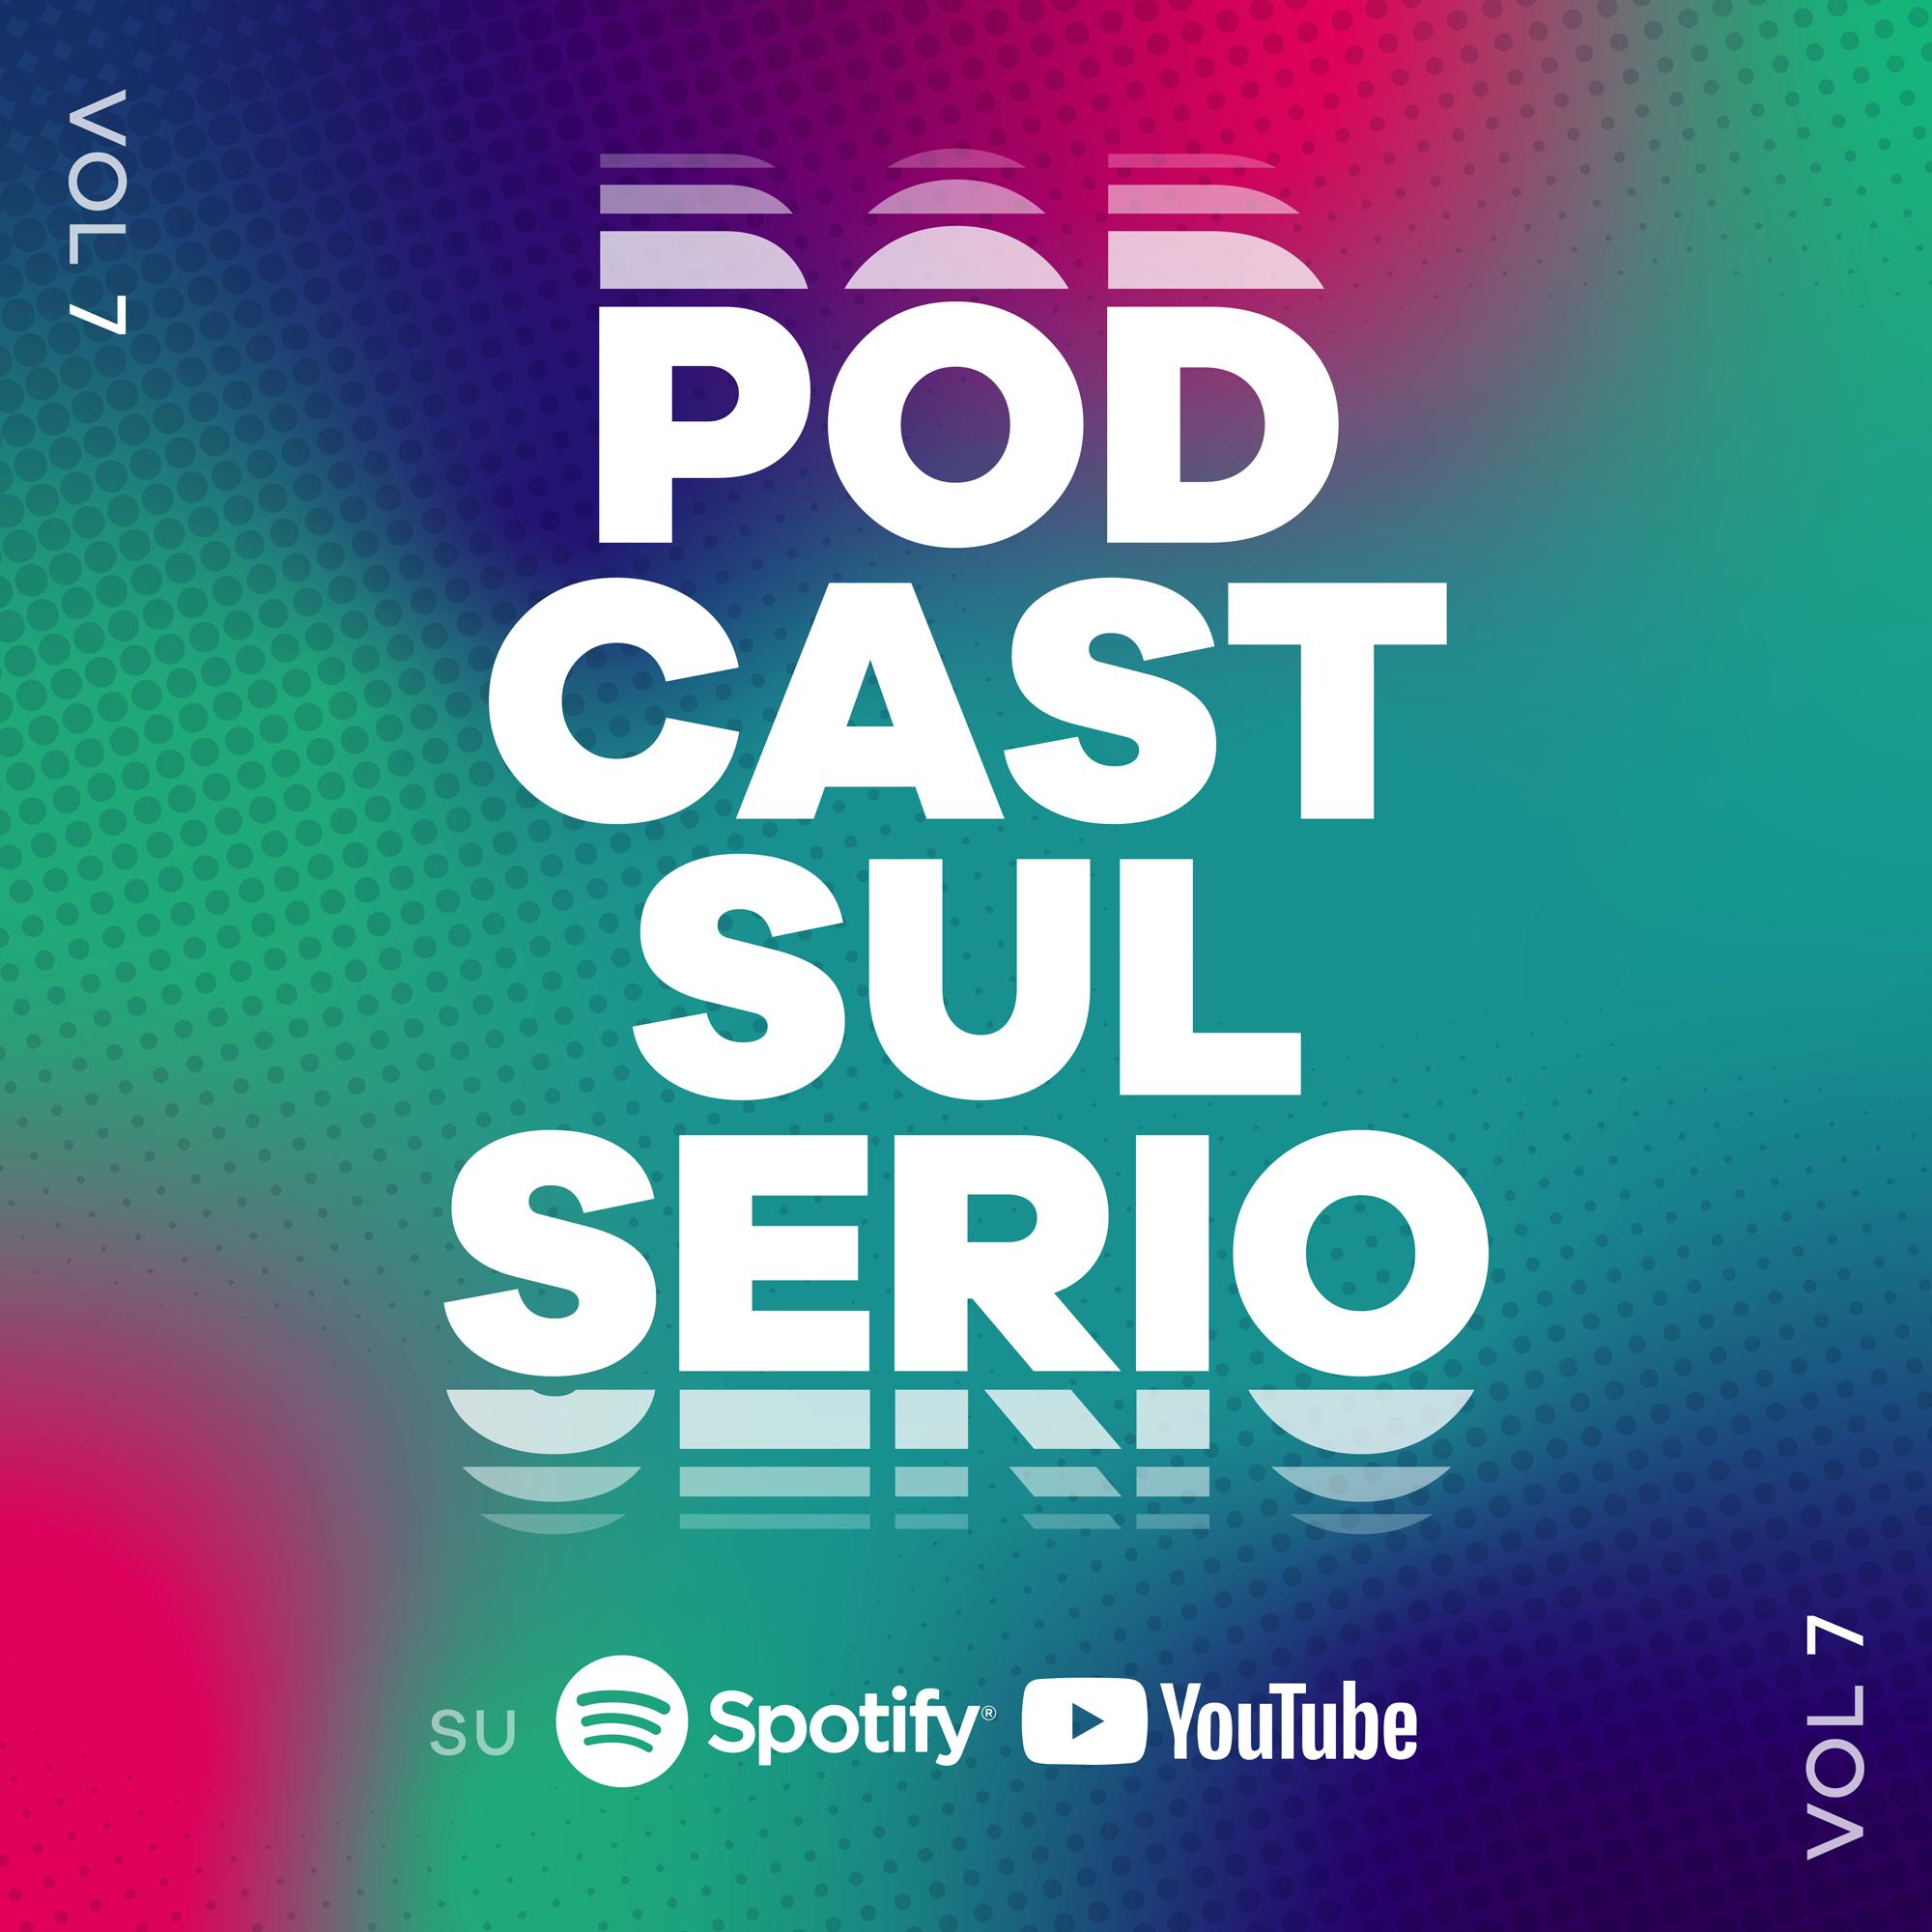 podcastsulserio1